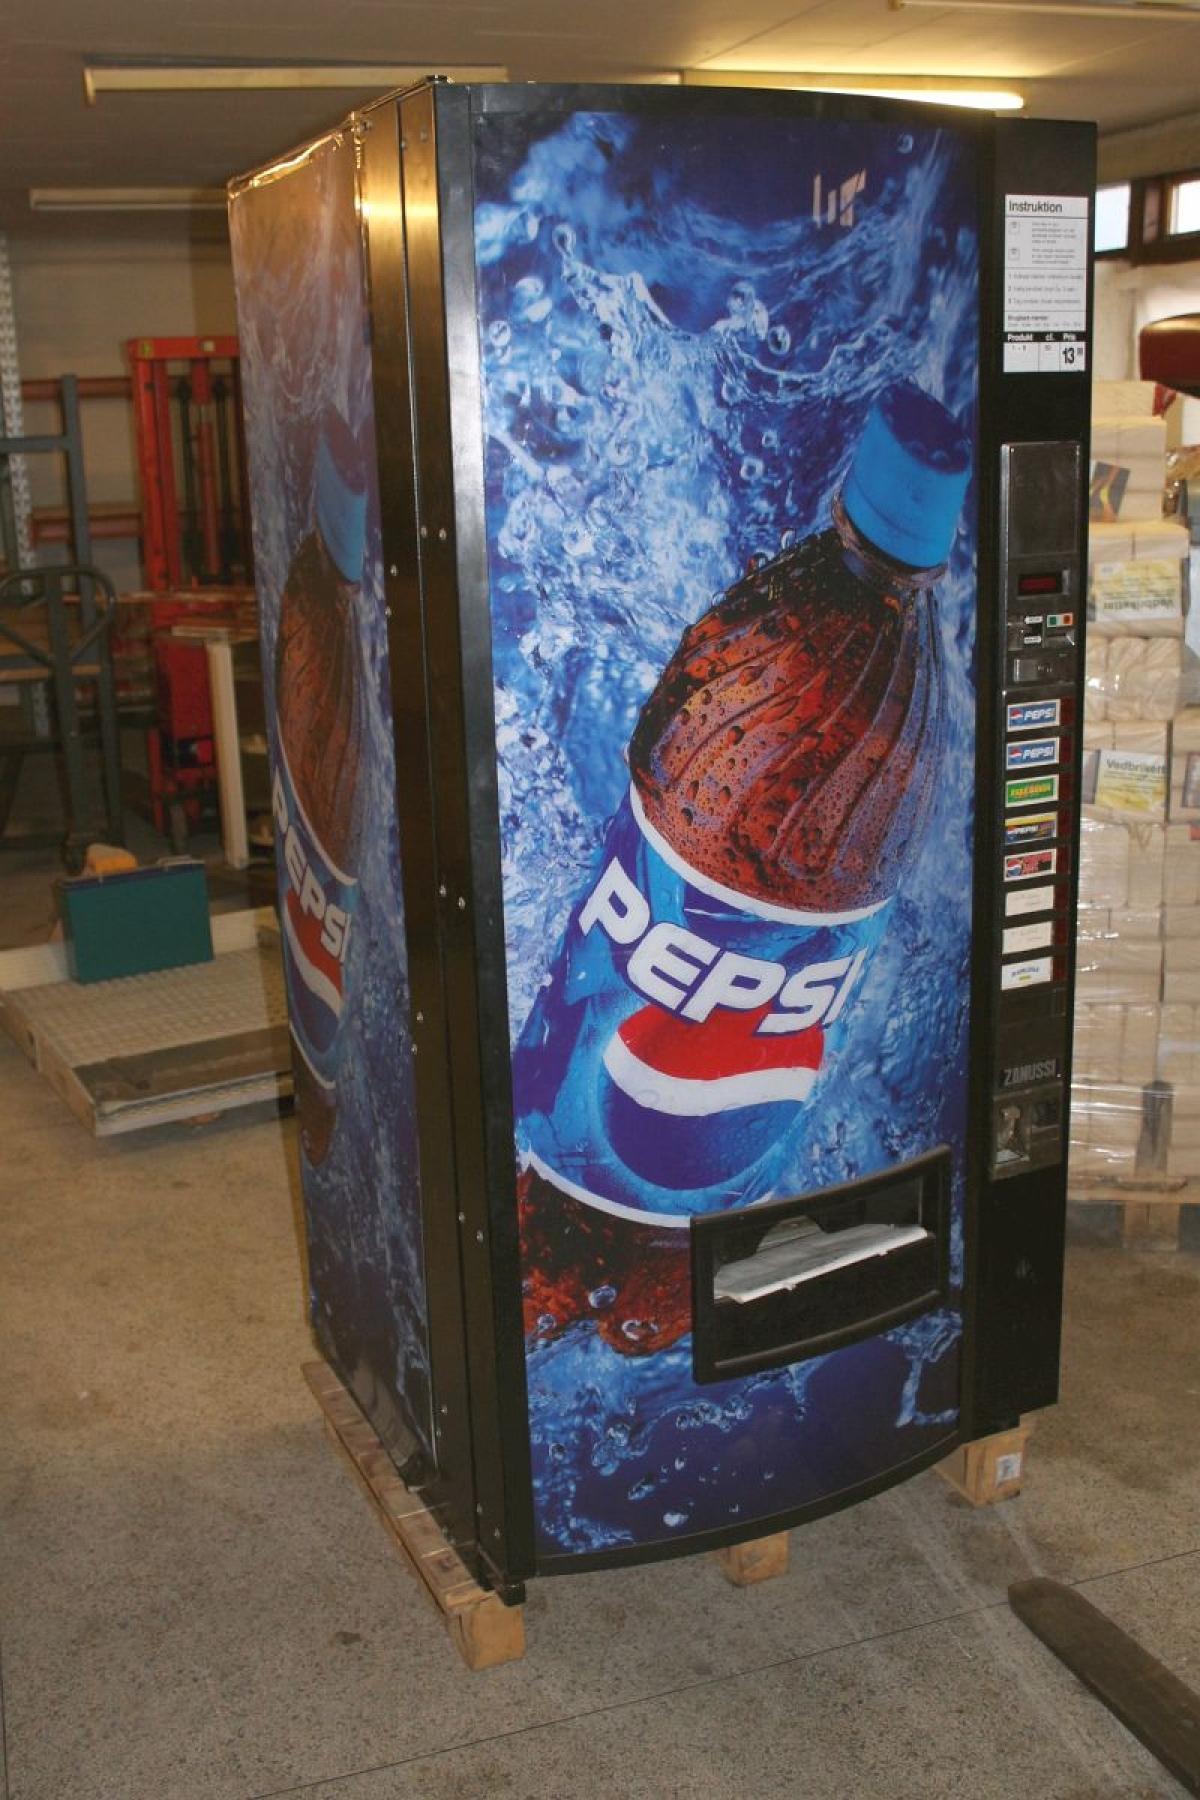 Berühmt Pepsi Kühlschrank Ideen - Das Beste Architekturbild - huepie.com